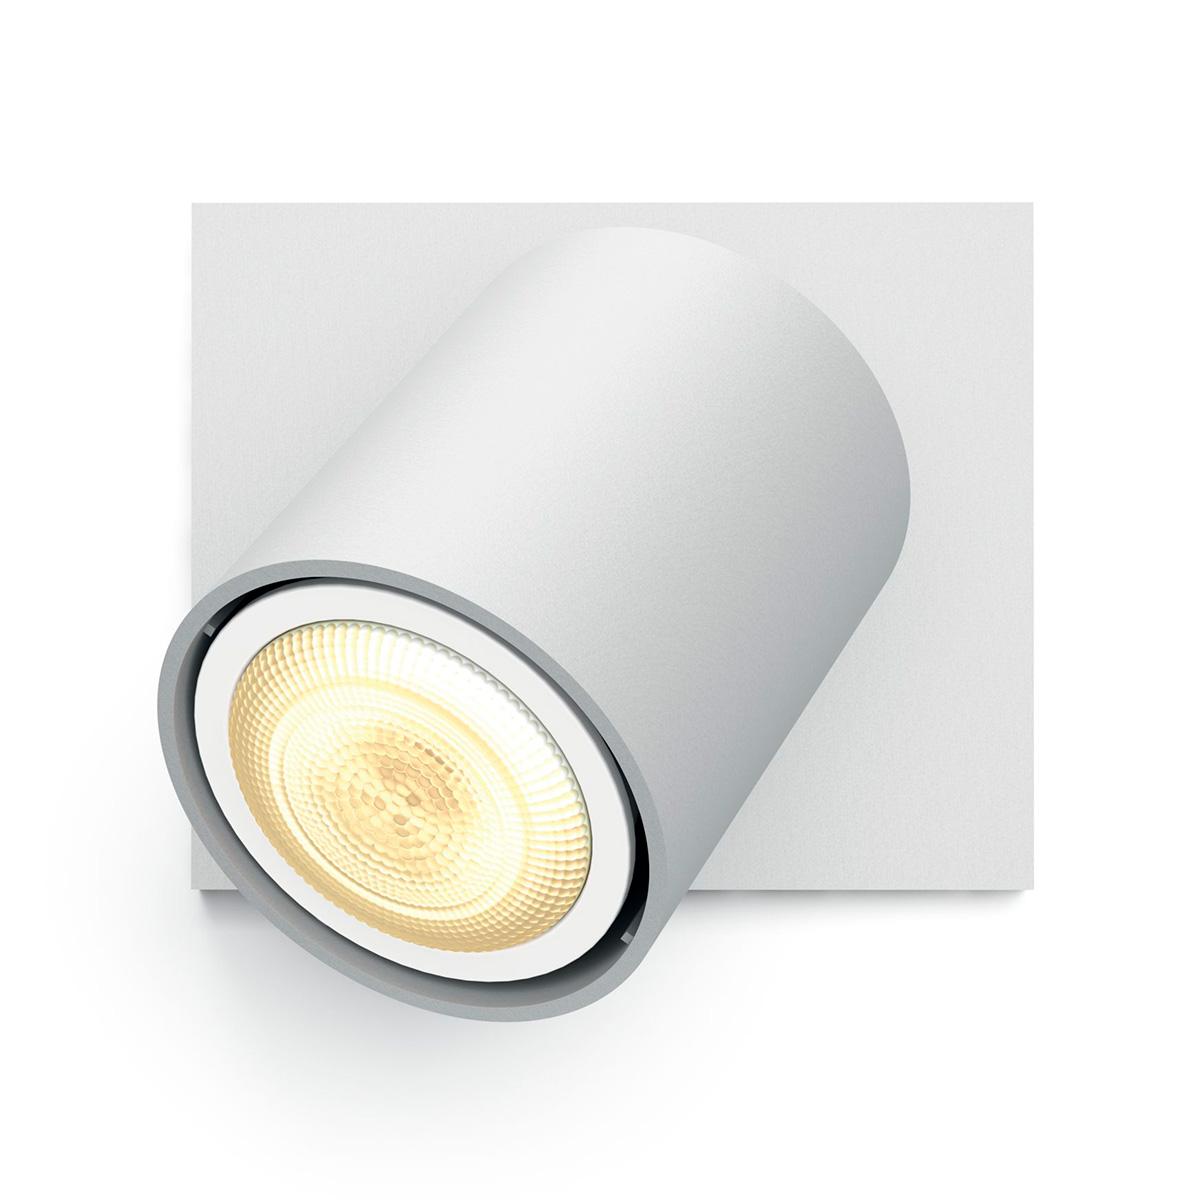 Billede af Philips Connected single spot - White Ambiance - Runner - Hvid